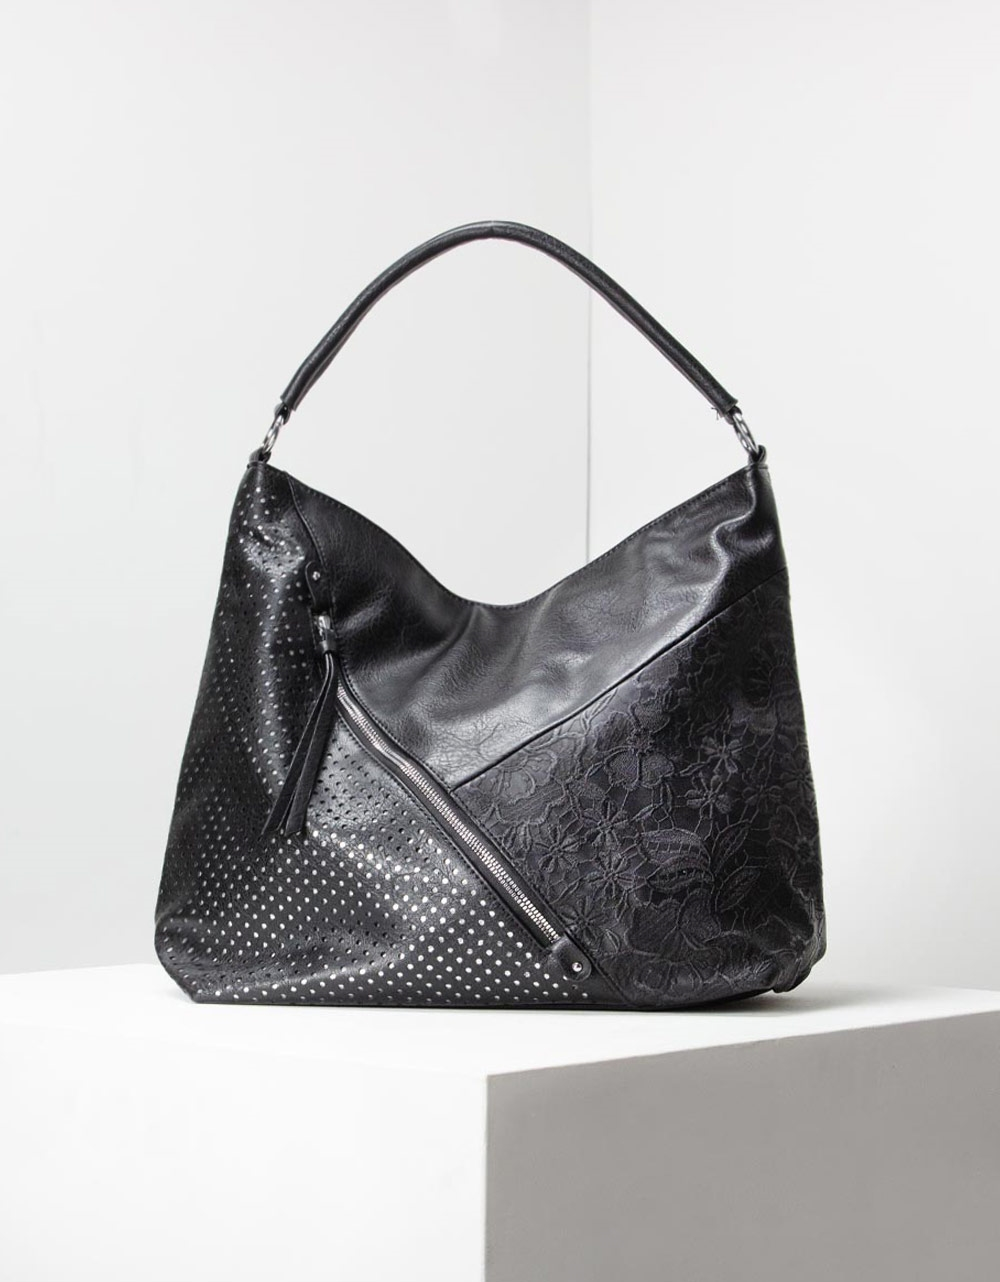 Εικόνα από Γυναικεία τσάντα ώμου με ανάγλυφες λεπτομέρειες Μαύρο